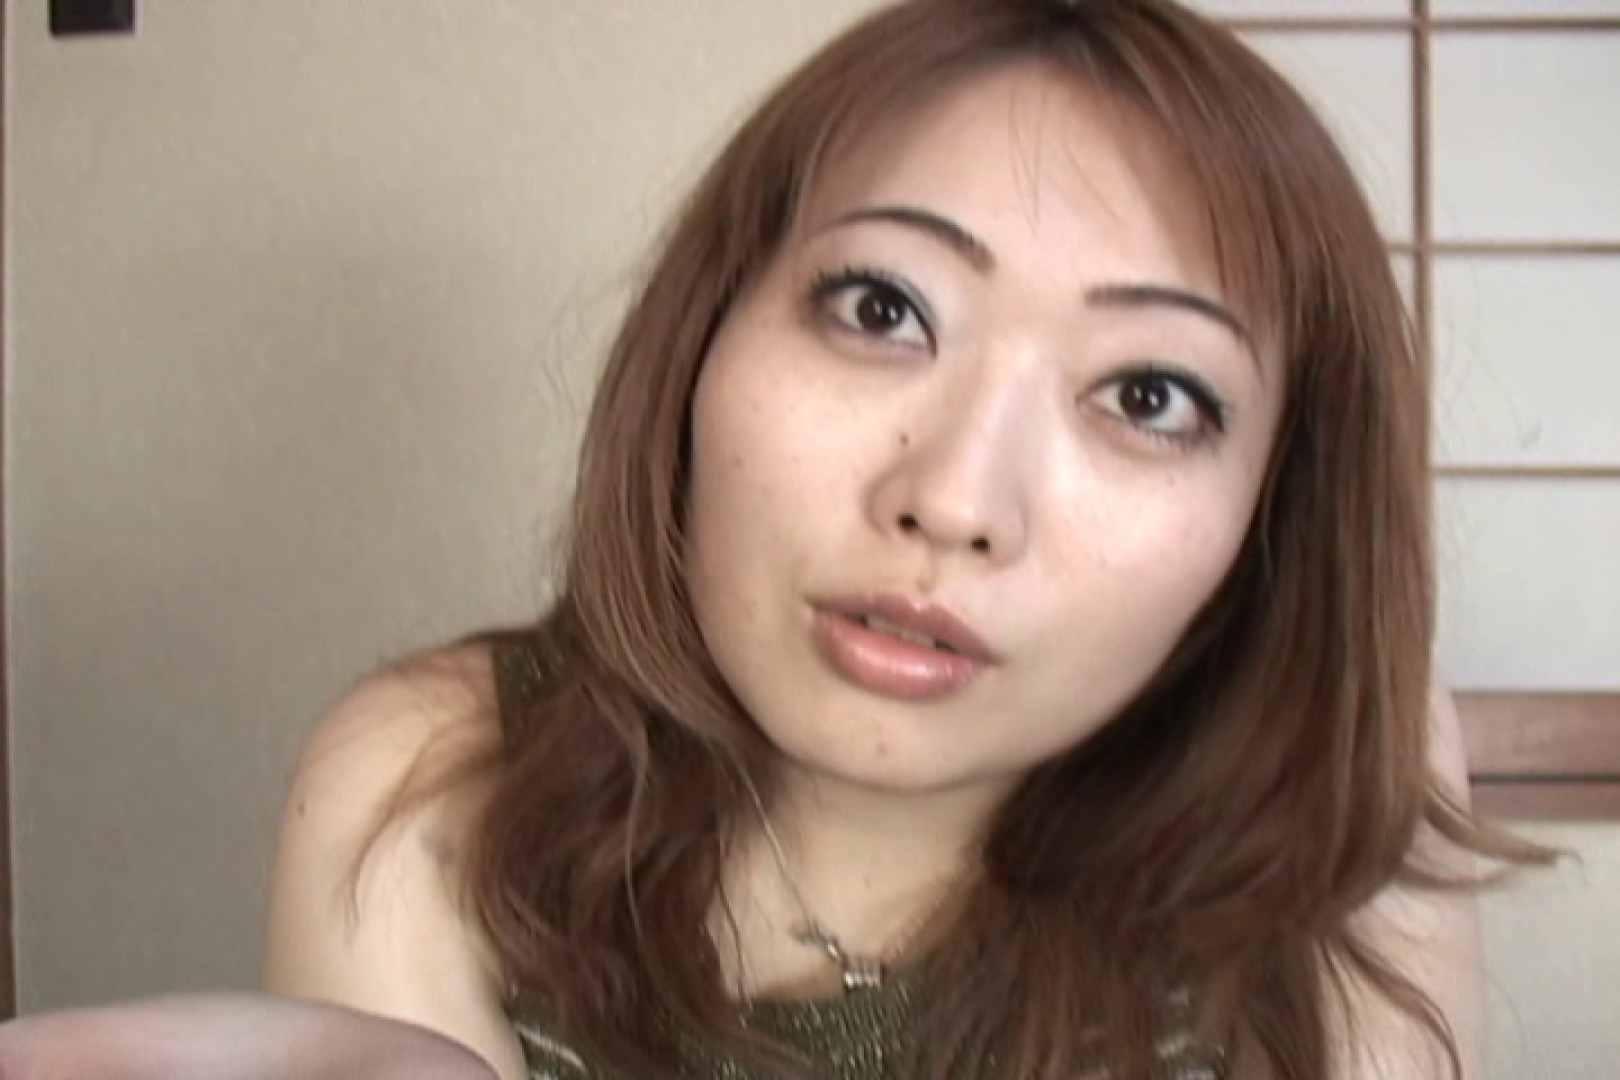 仕事で月200本のチンポを相手する22歳若人妻~桜井あい~ 人妻のエッチ | 熟女のエッチ  108pic